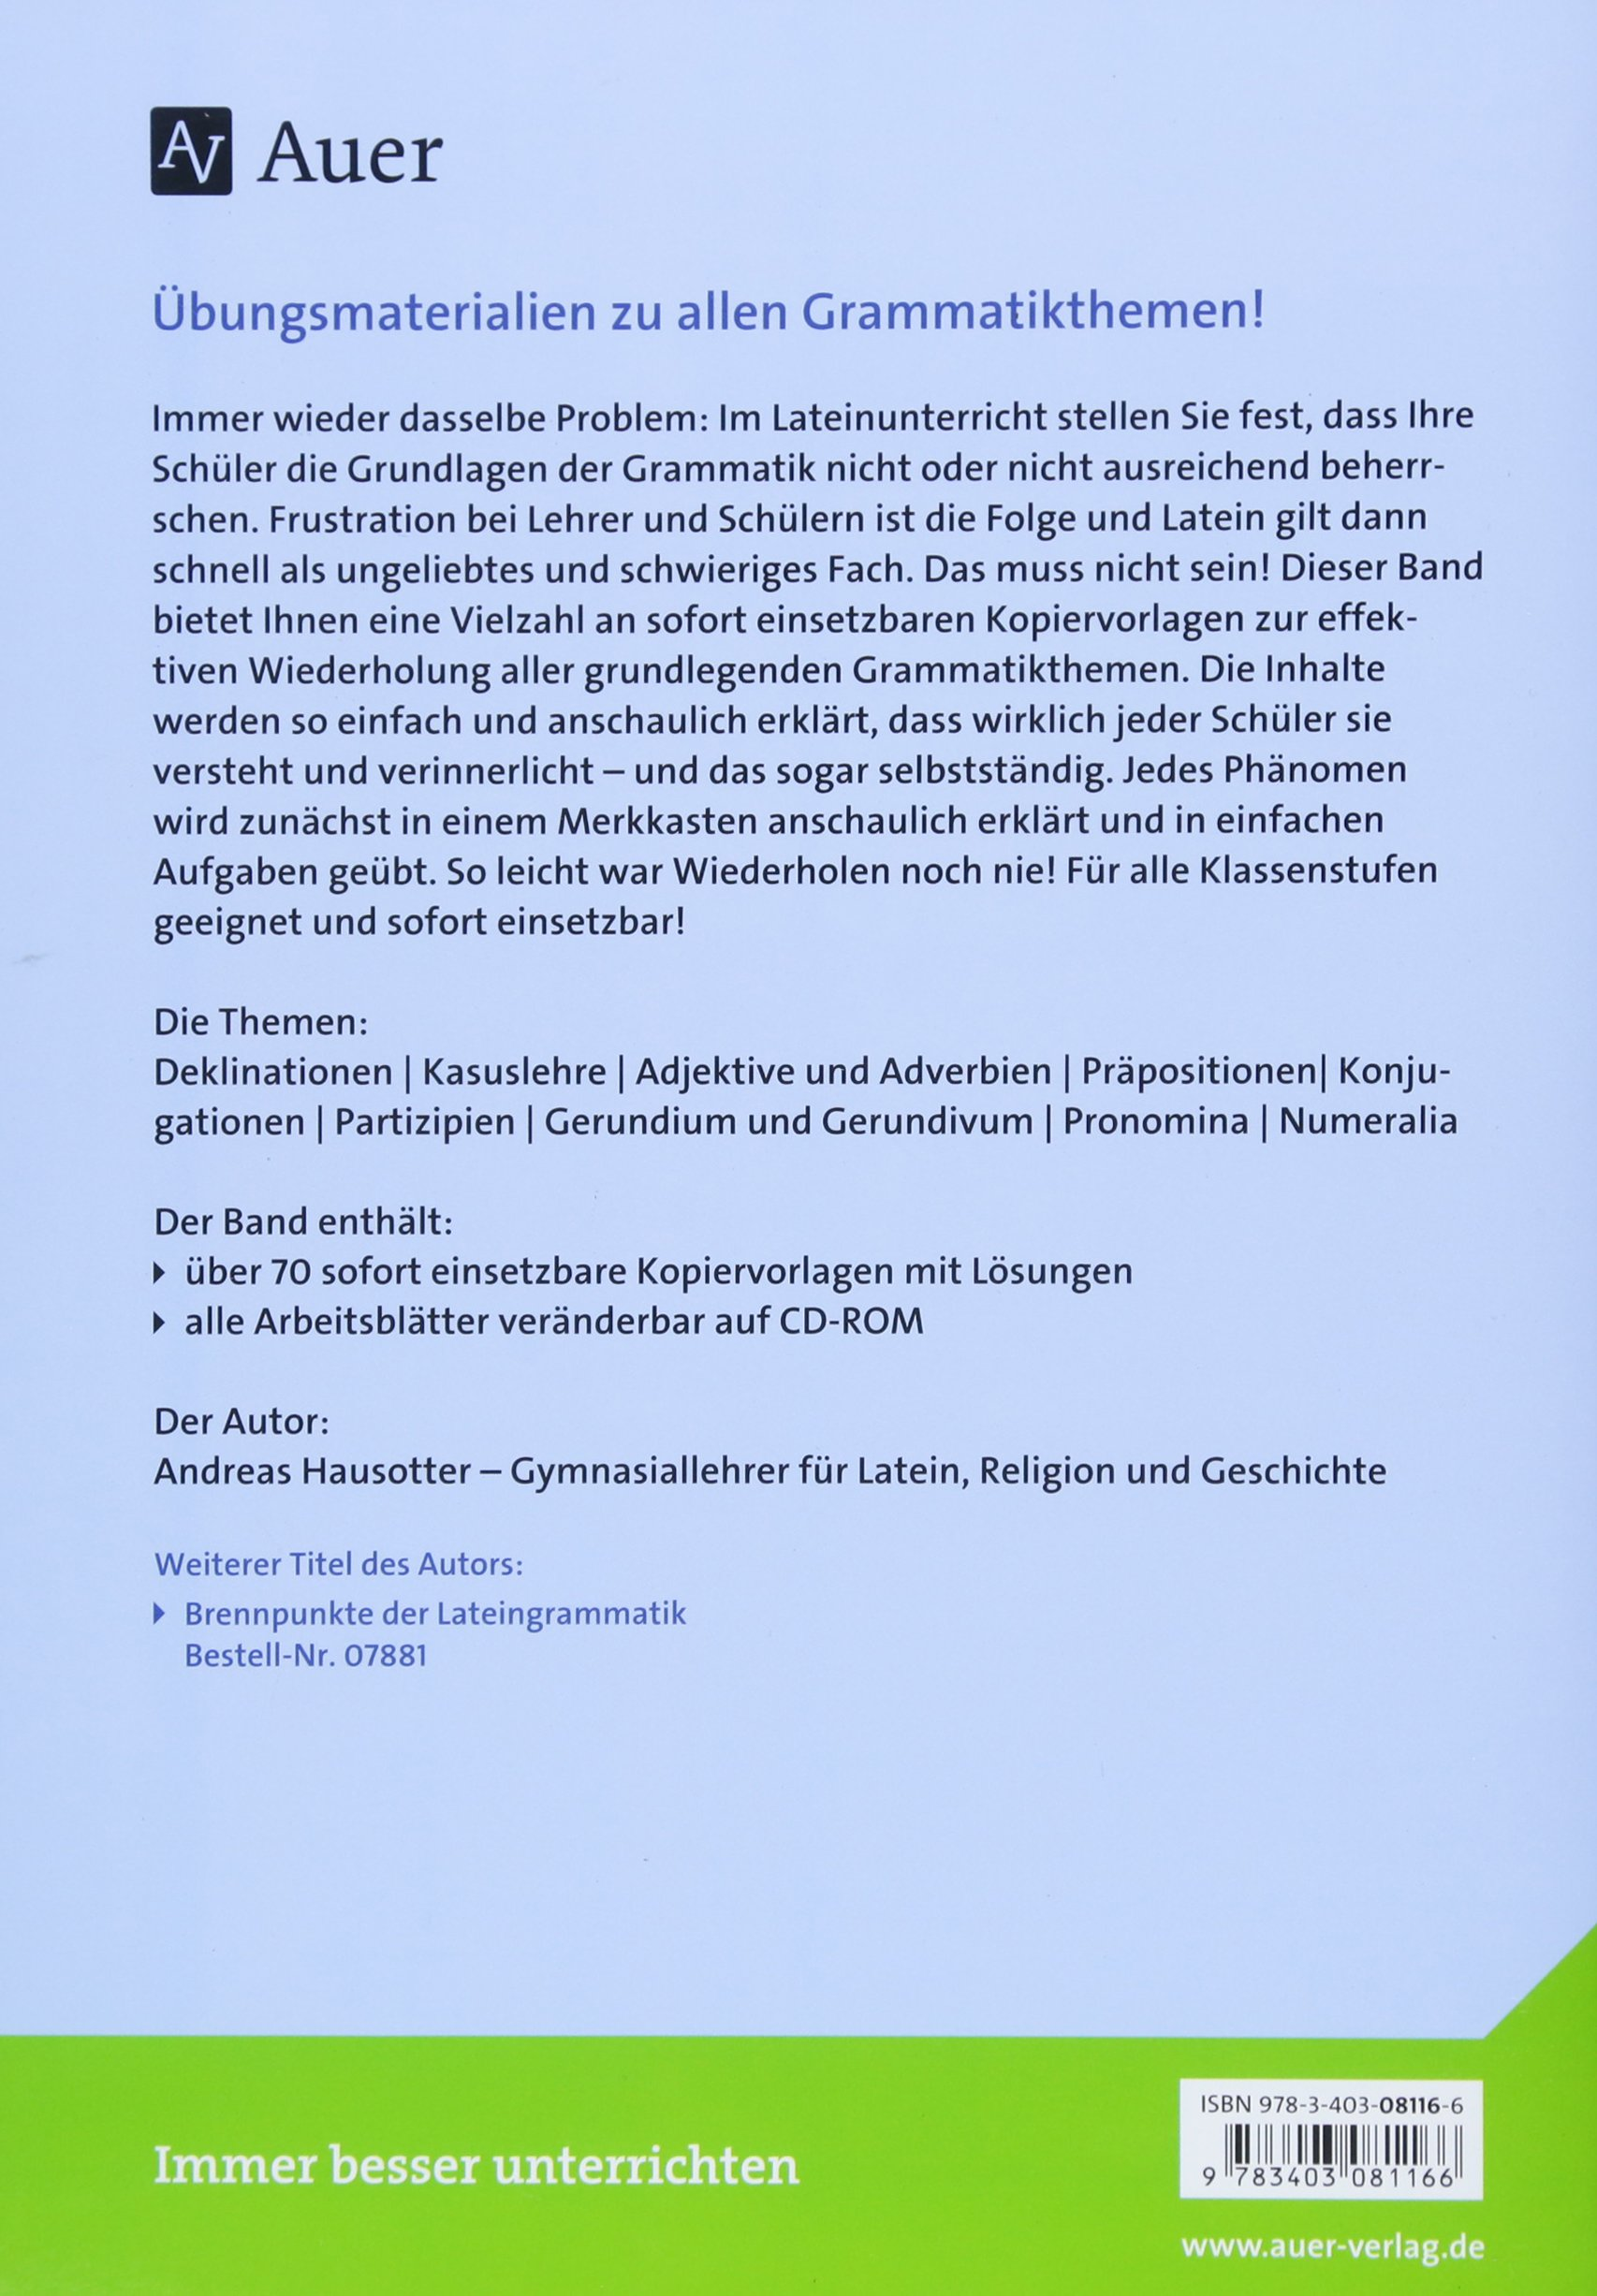 Ziemlich Präpositionen Und Adverbien Arbeitsblatt Bilder - Super ...